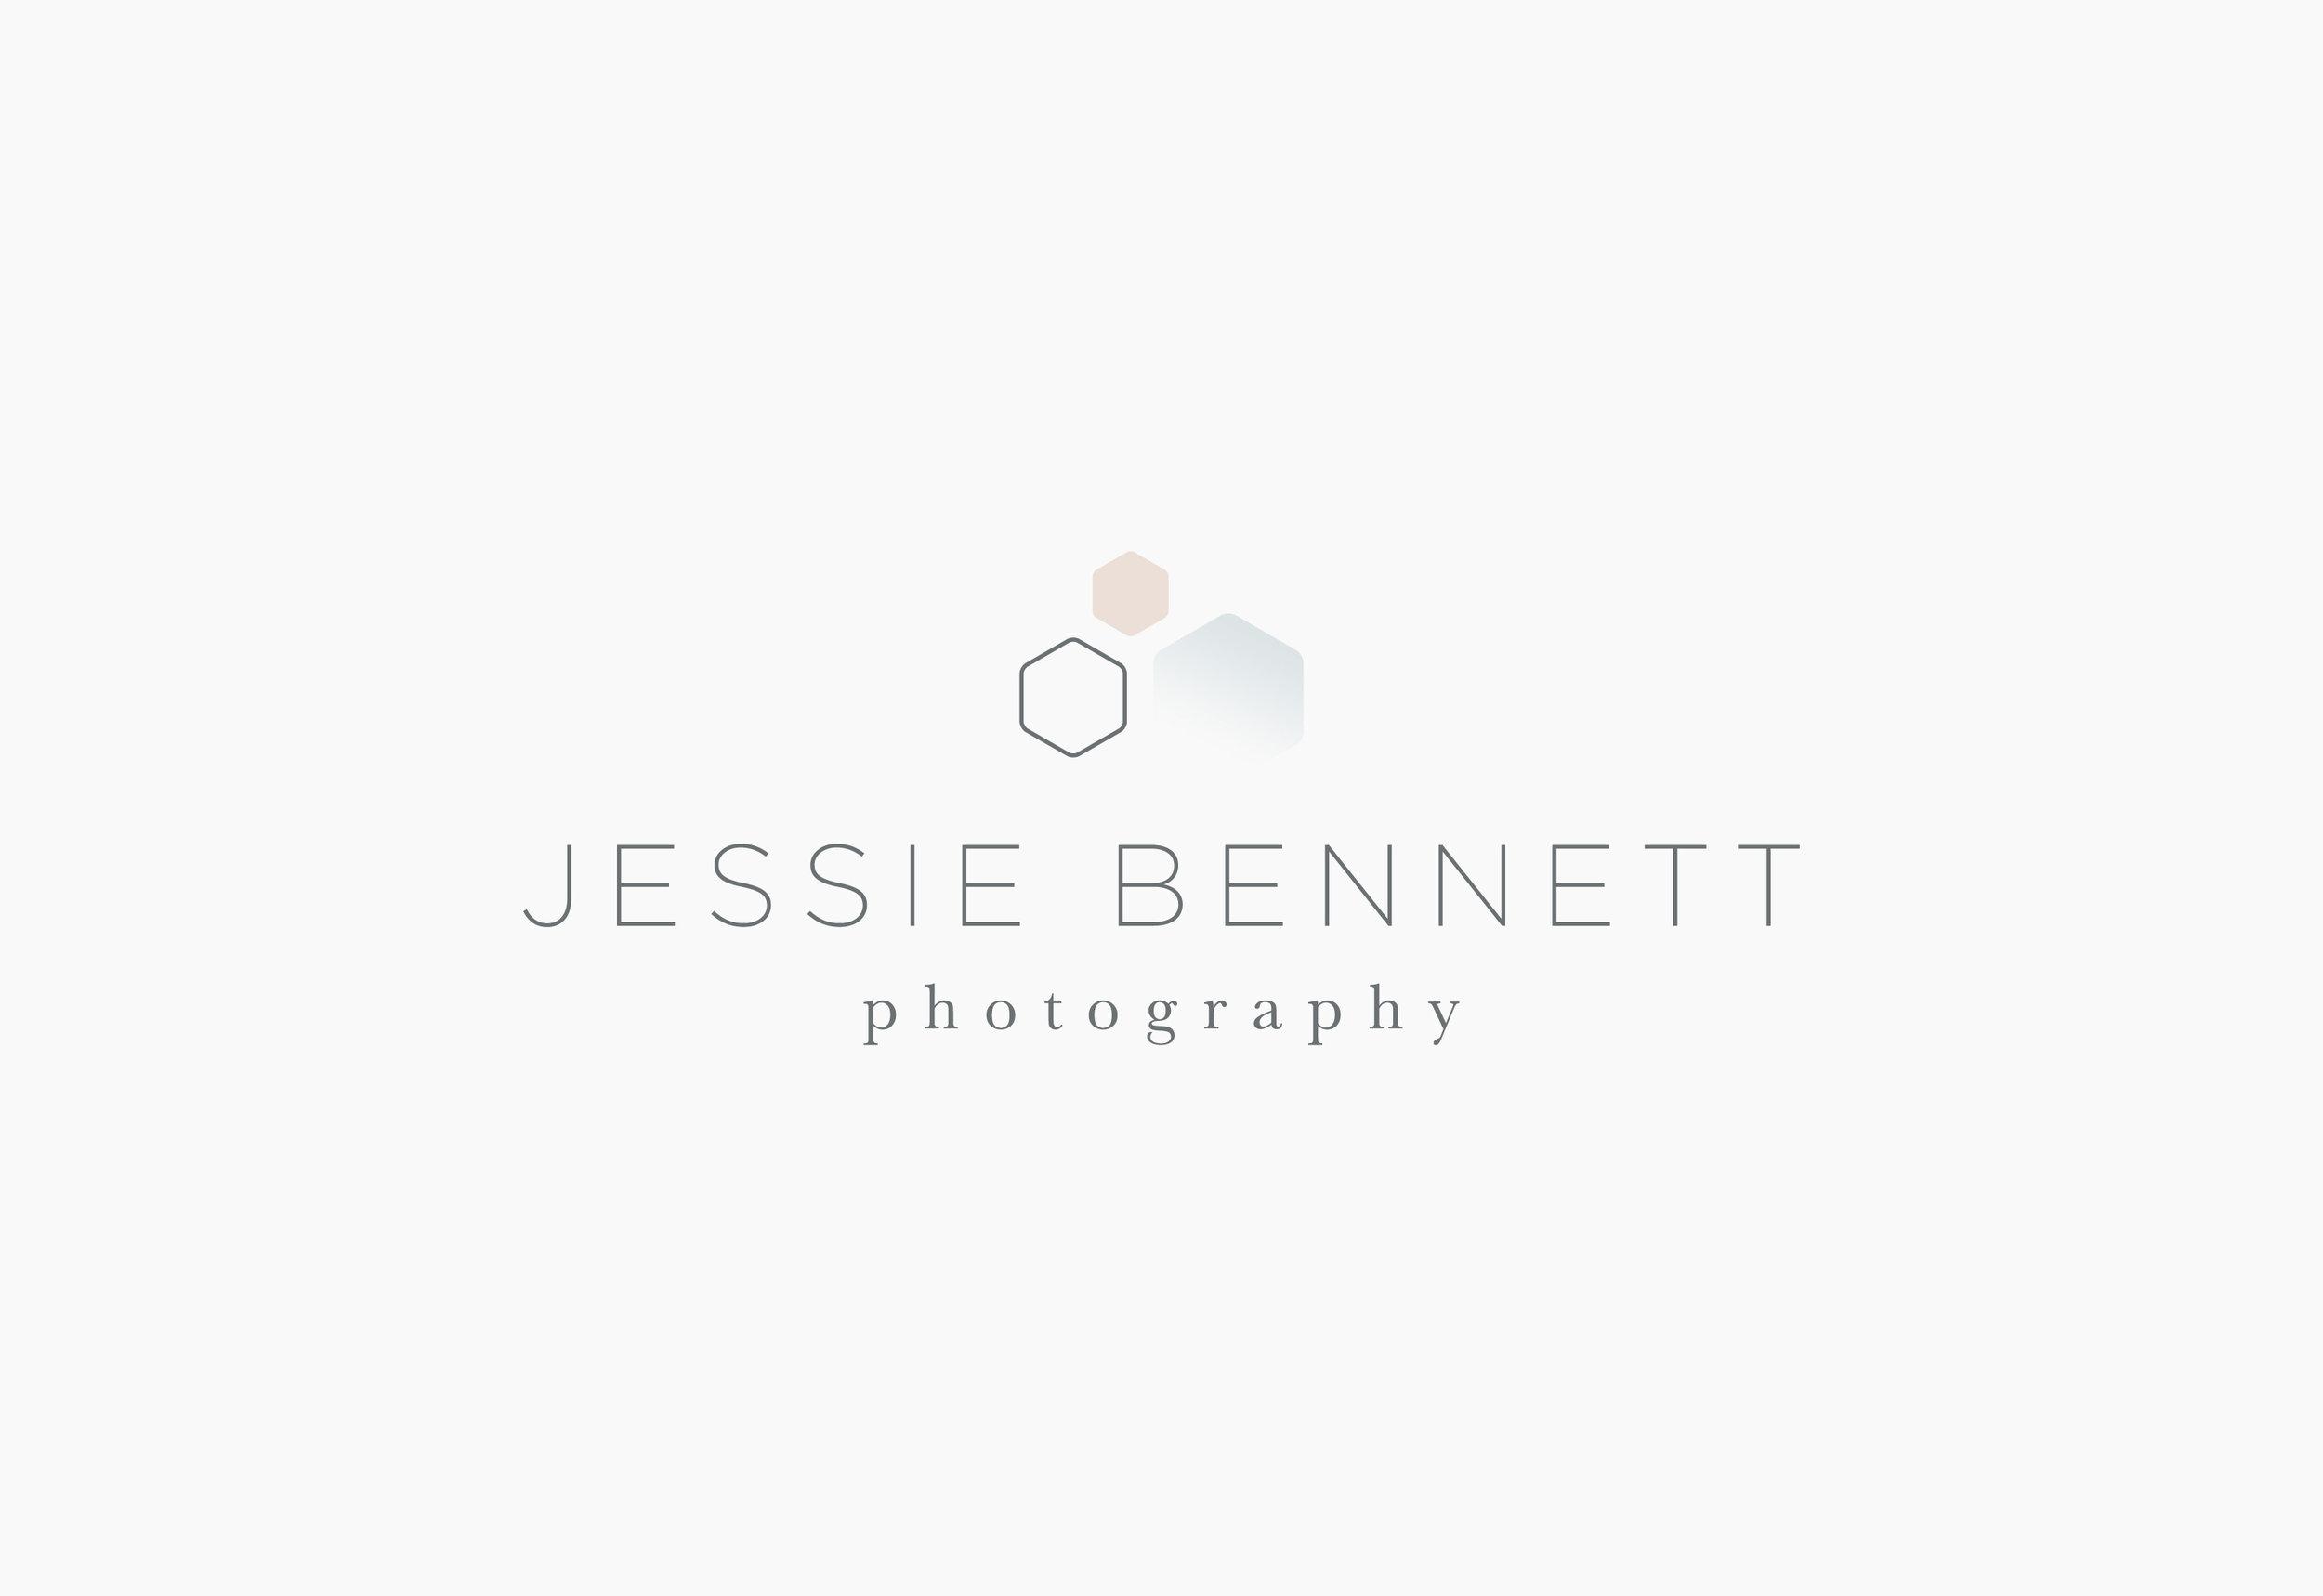 Jessie Bennett Photography | Letterform Creative